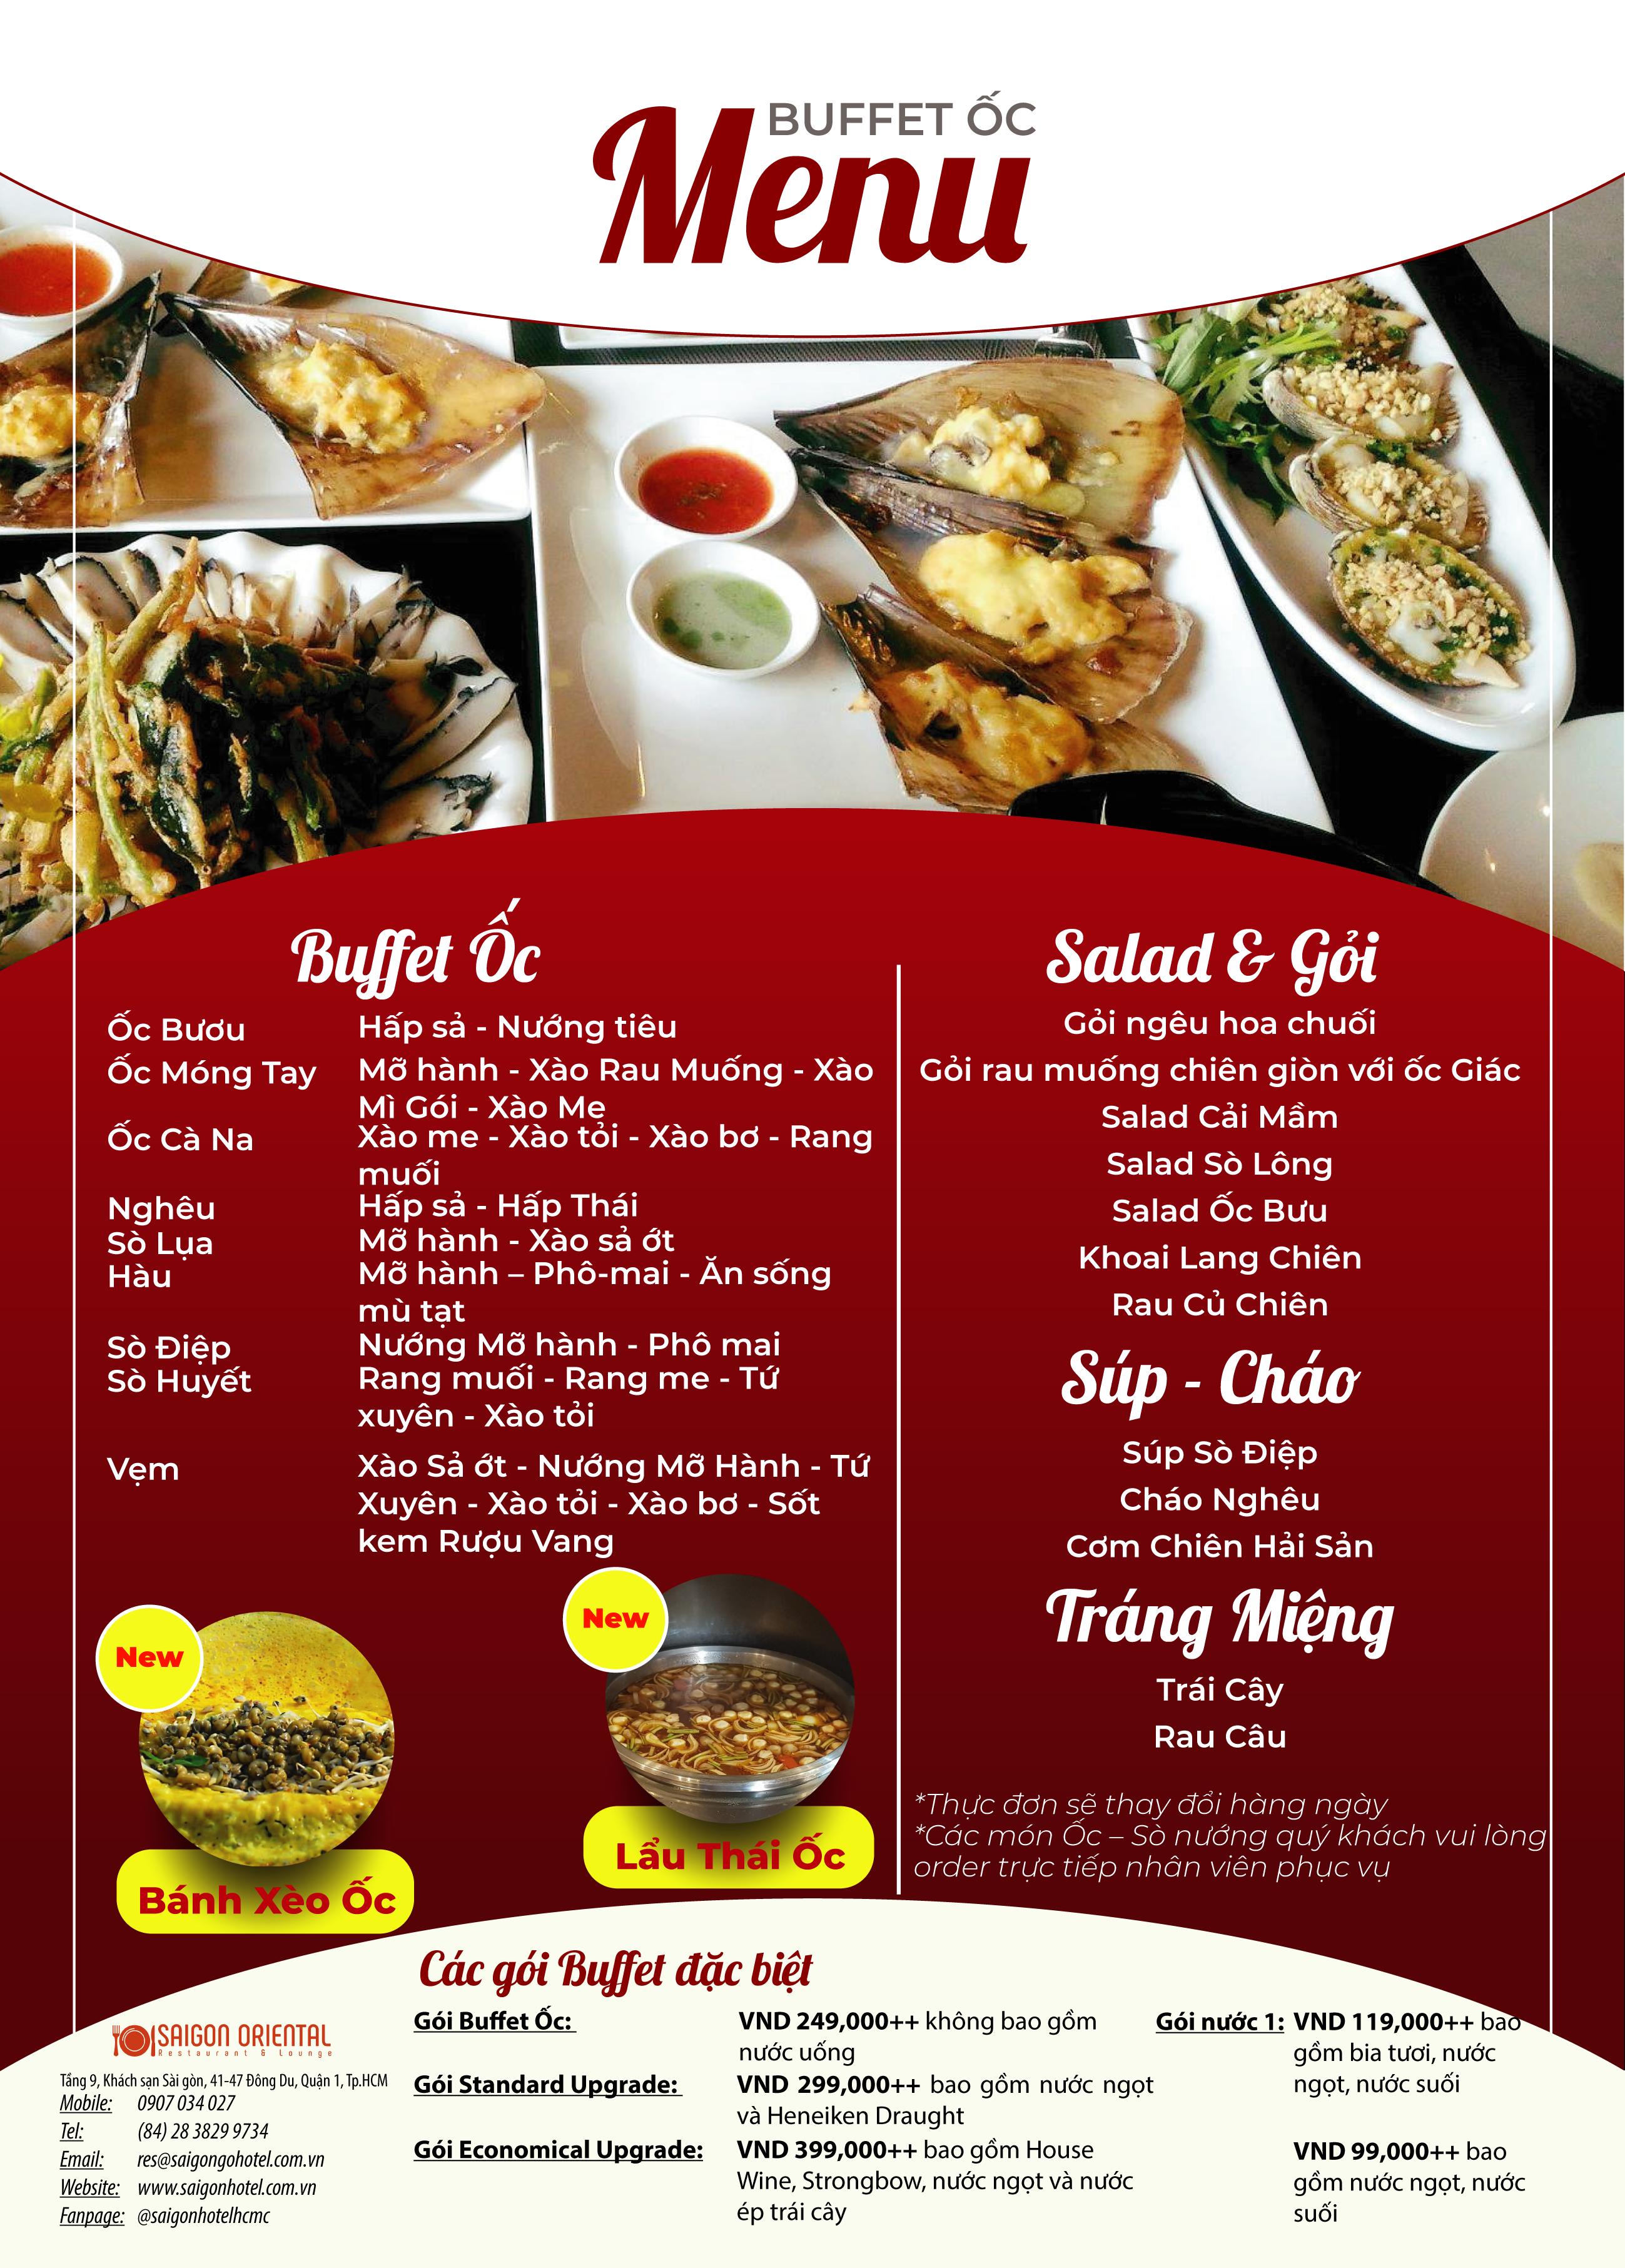 Buffet Ốc Buổi Tối Cuối Tuần Hơn 50 Món - Bia Tươi Tiger Không Giới Hạn Tại Sài Gòn Hotel 3*